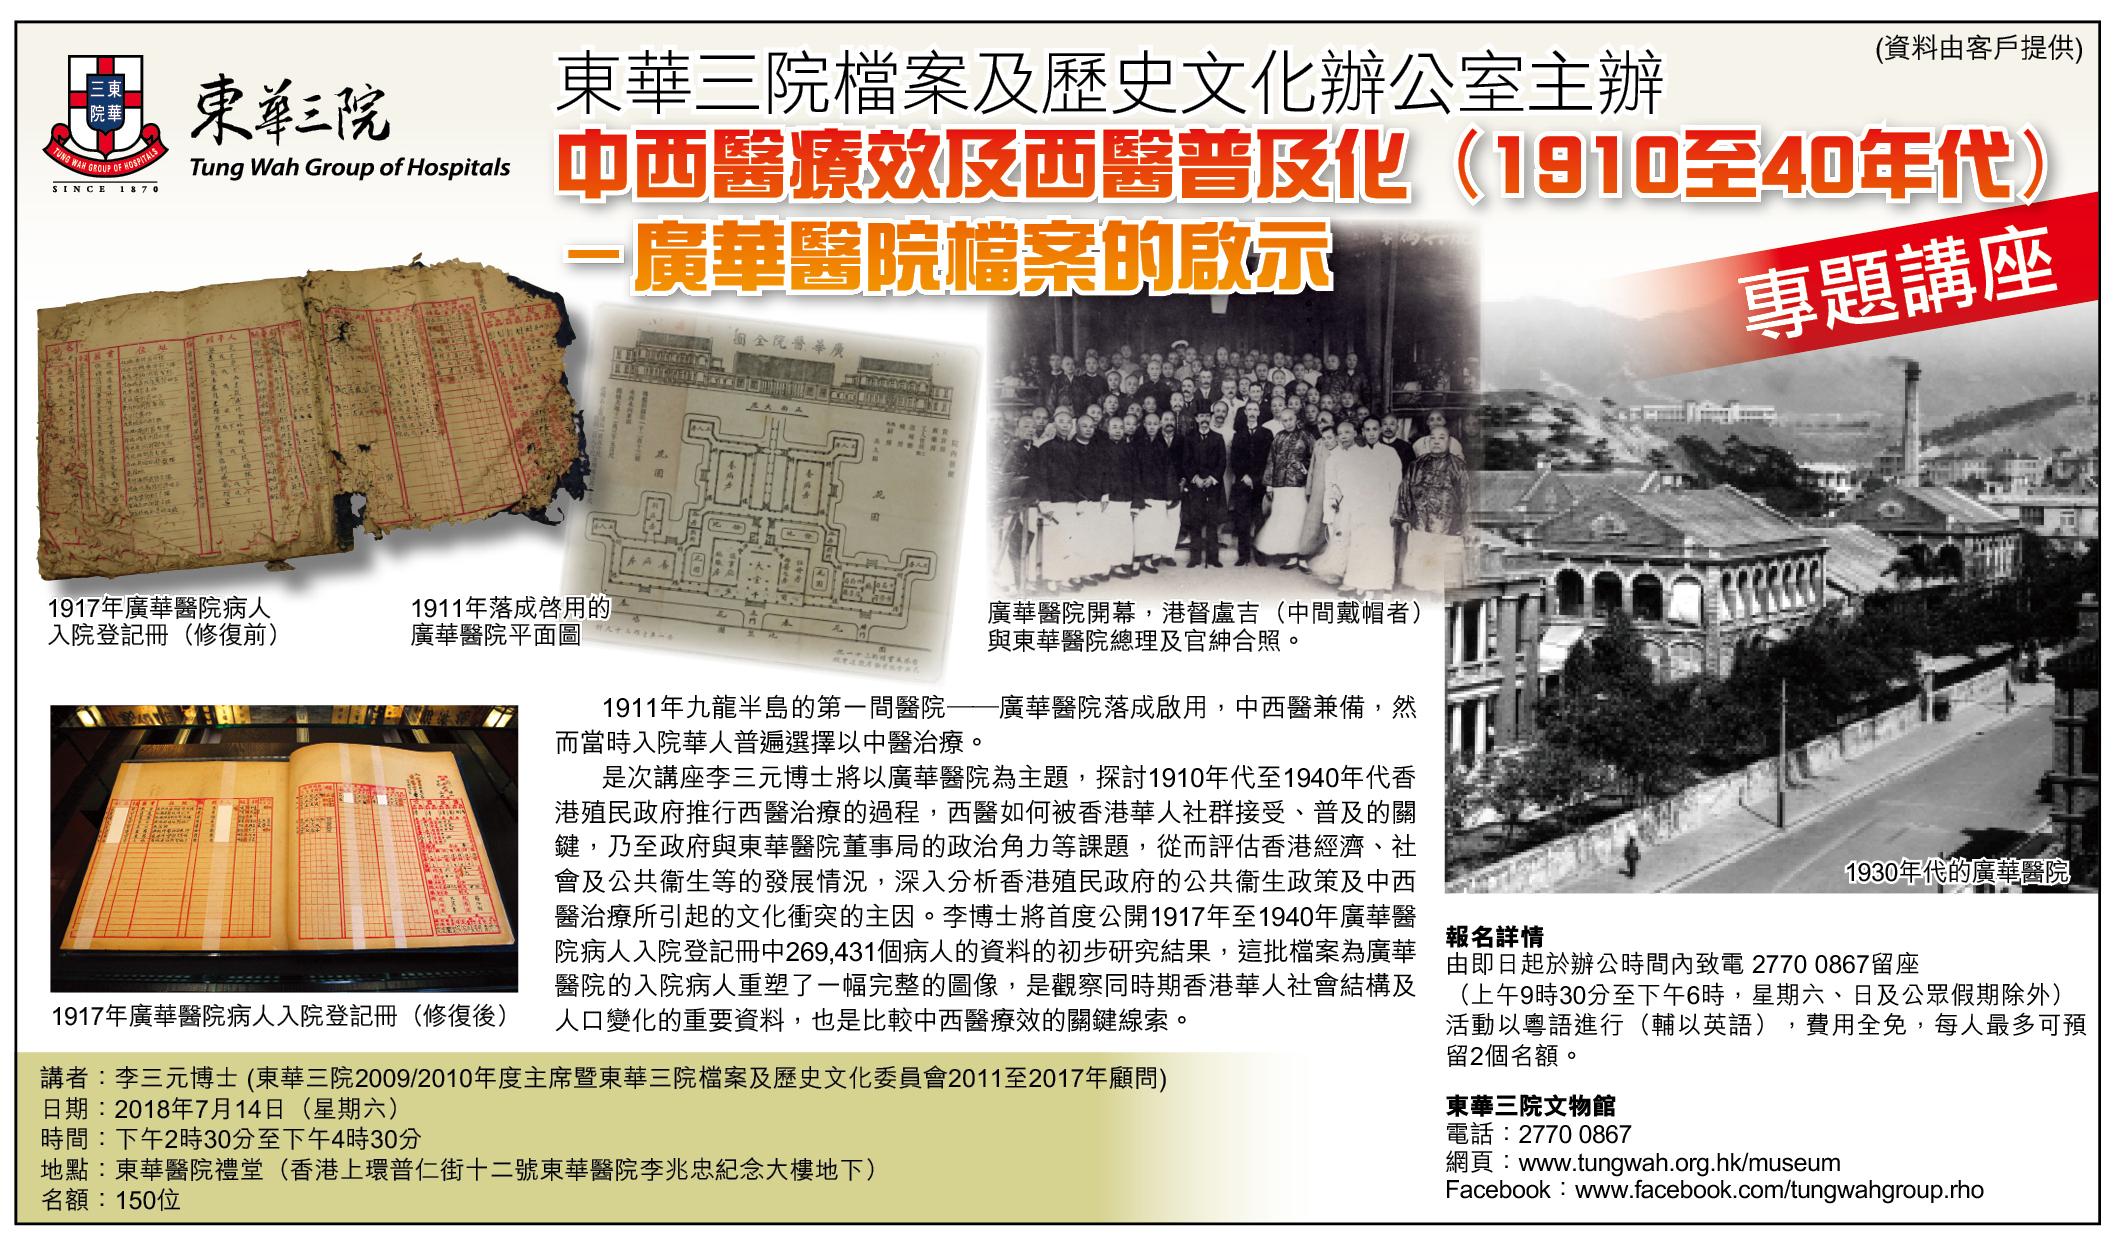 「中西醫療效及西醫普及化(1910至40年代)——廣華醫院檔案的啟示」講座 - AM730廣告稿 (2018.7.4)